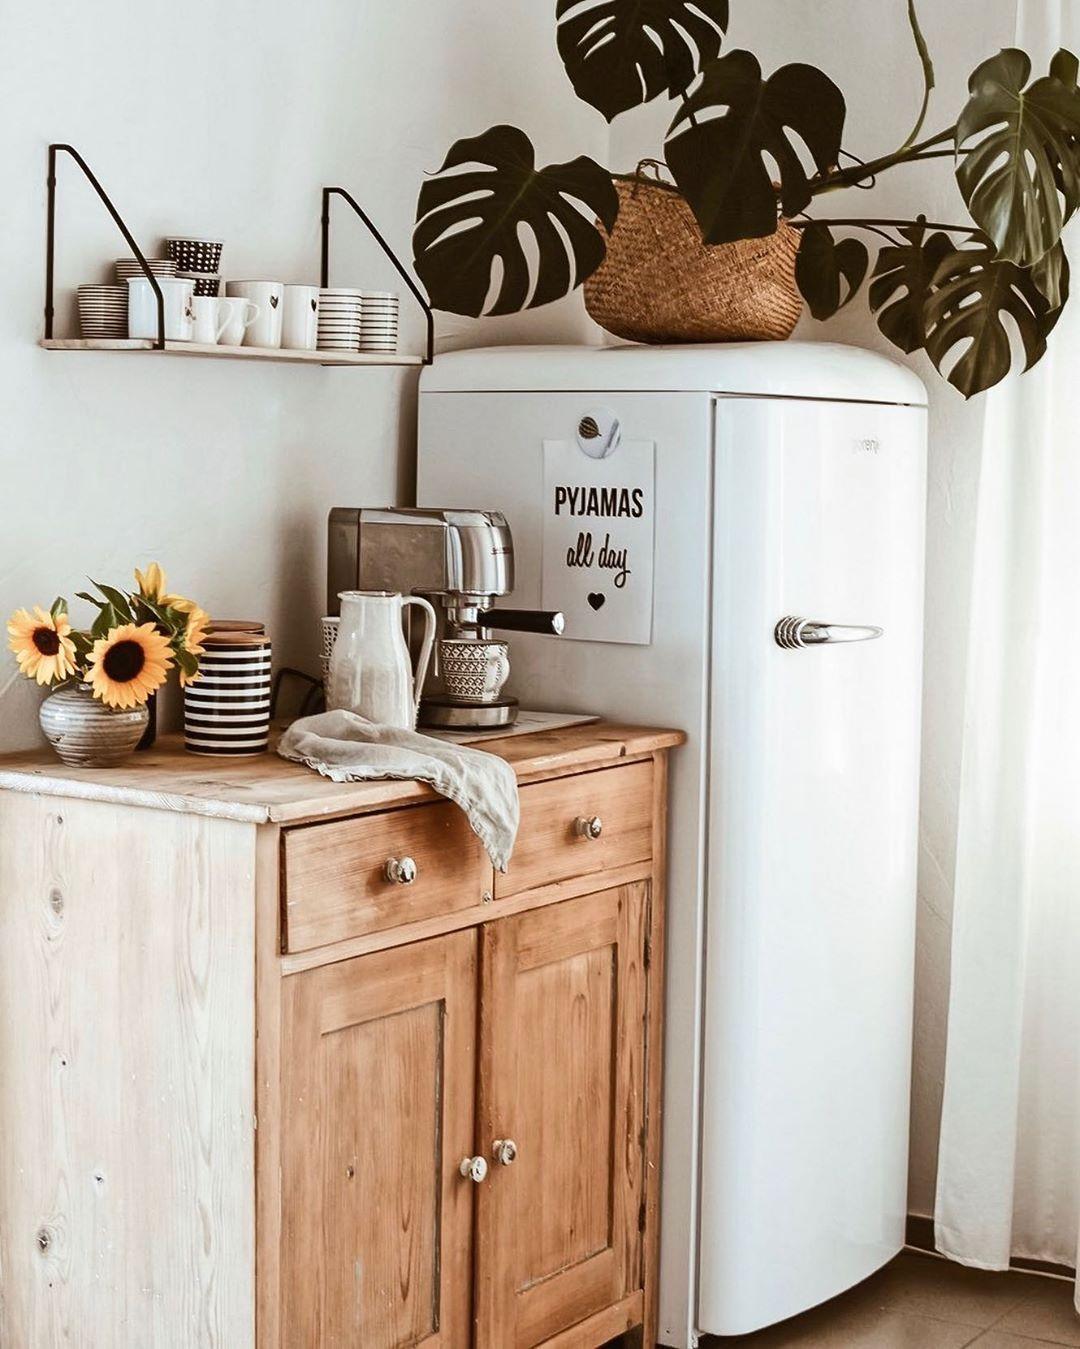 Idée décoration intérieure maison - déco intérieur - cuisine ...